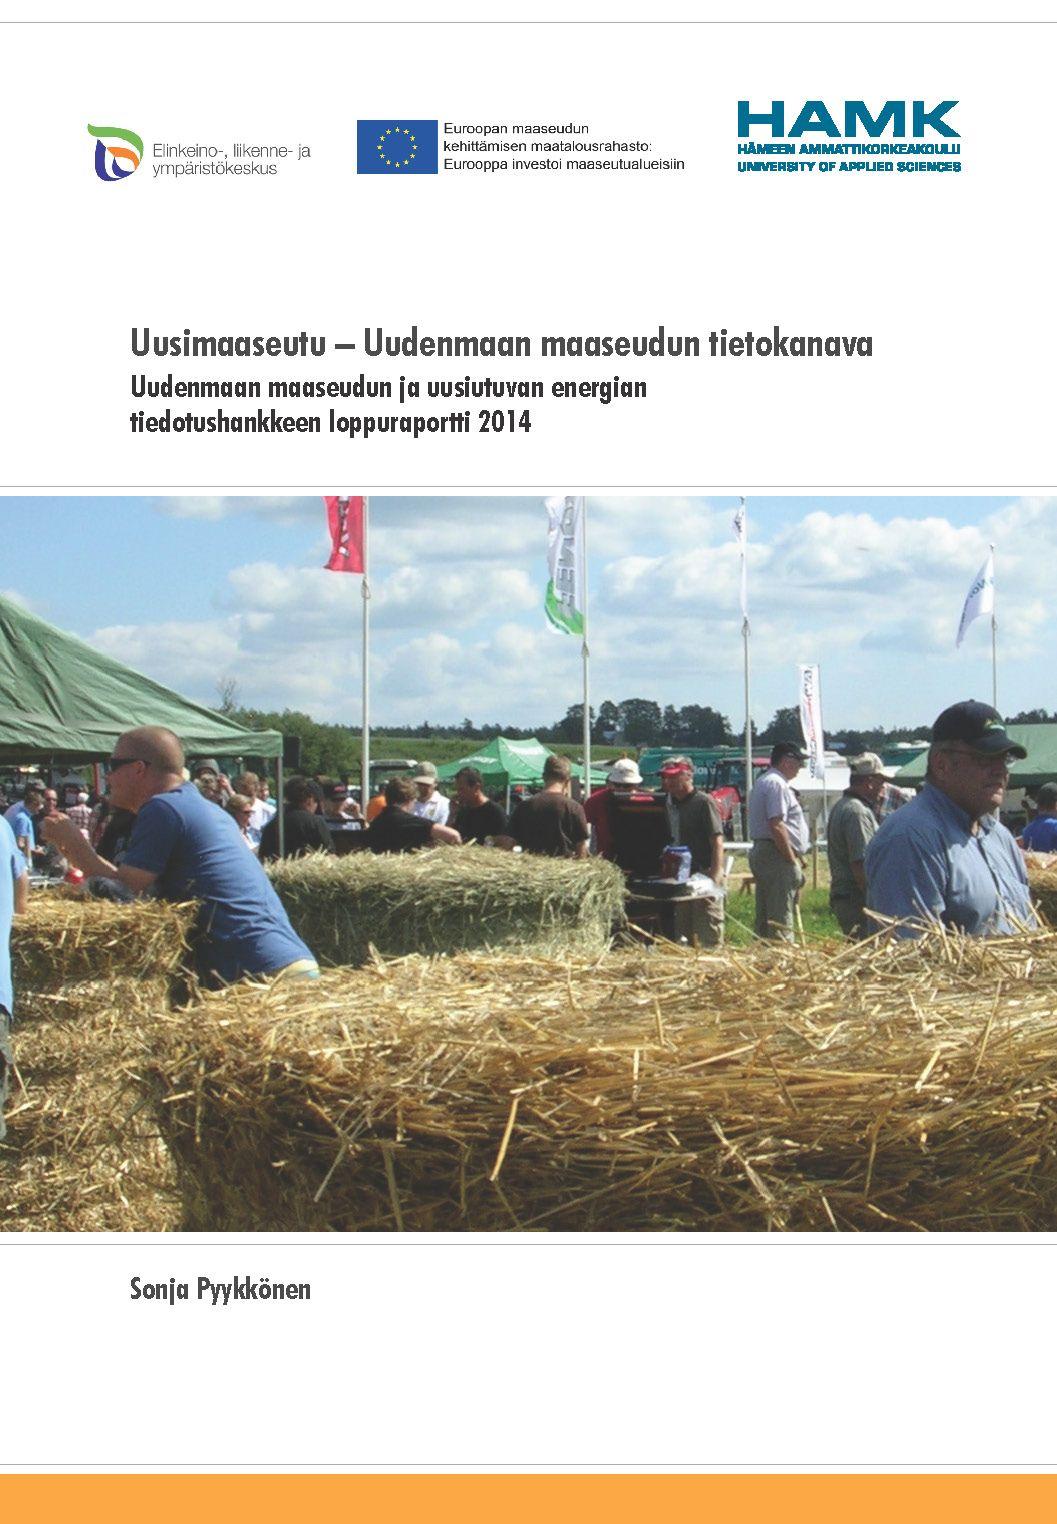 Pyykkönen: Uusimaaseutu – Uudenmaan maaseudun tietokanava. 2014. Download free eBook at www.hamk.fi/julkaisut.